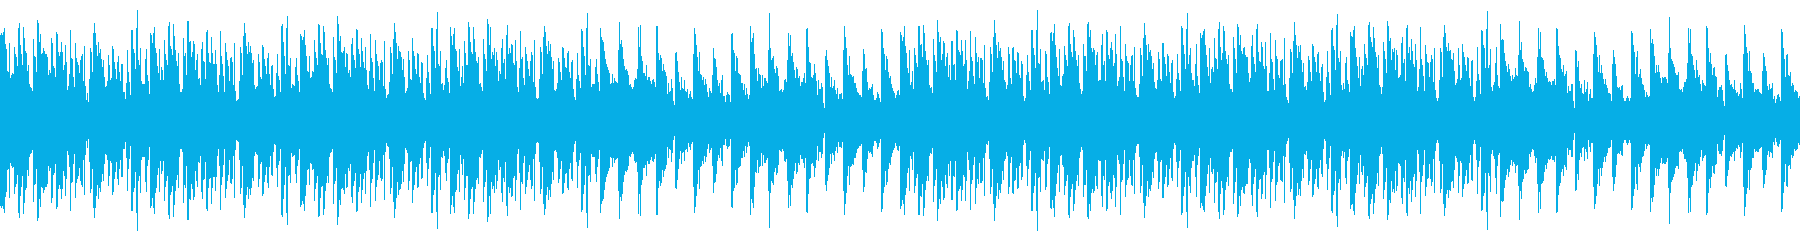 ループ・チルアウト・幻想的神秘的・ゲームの再生済みの波形